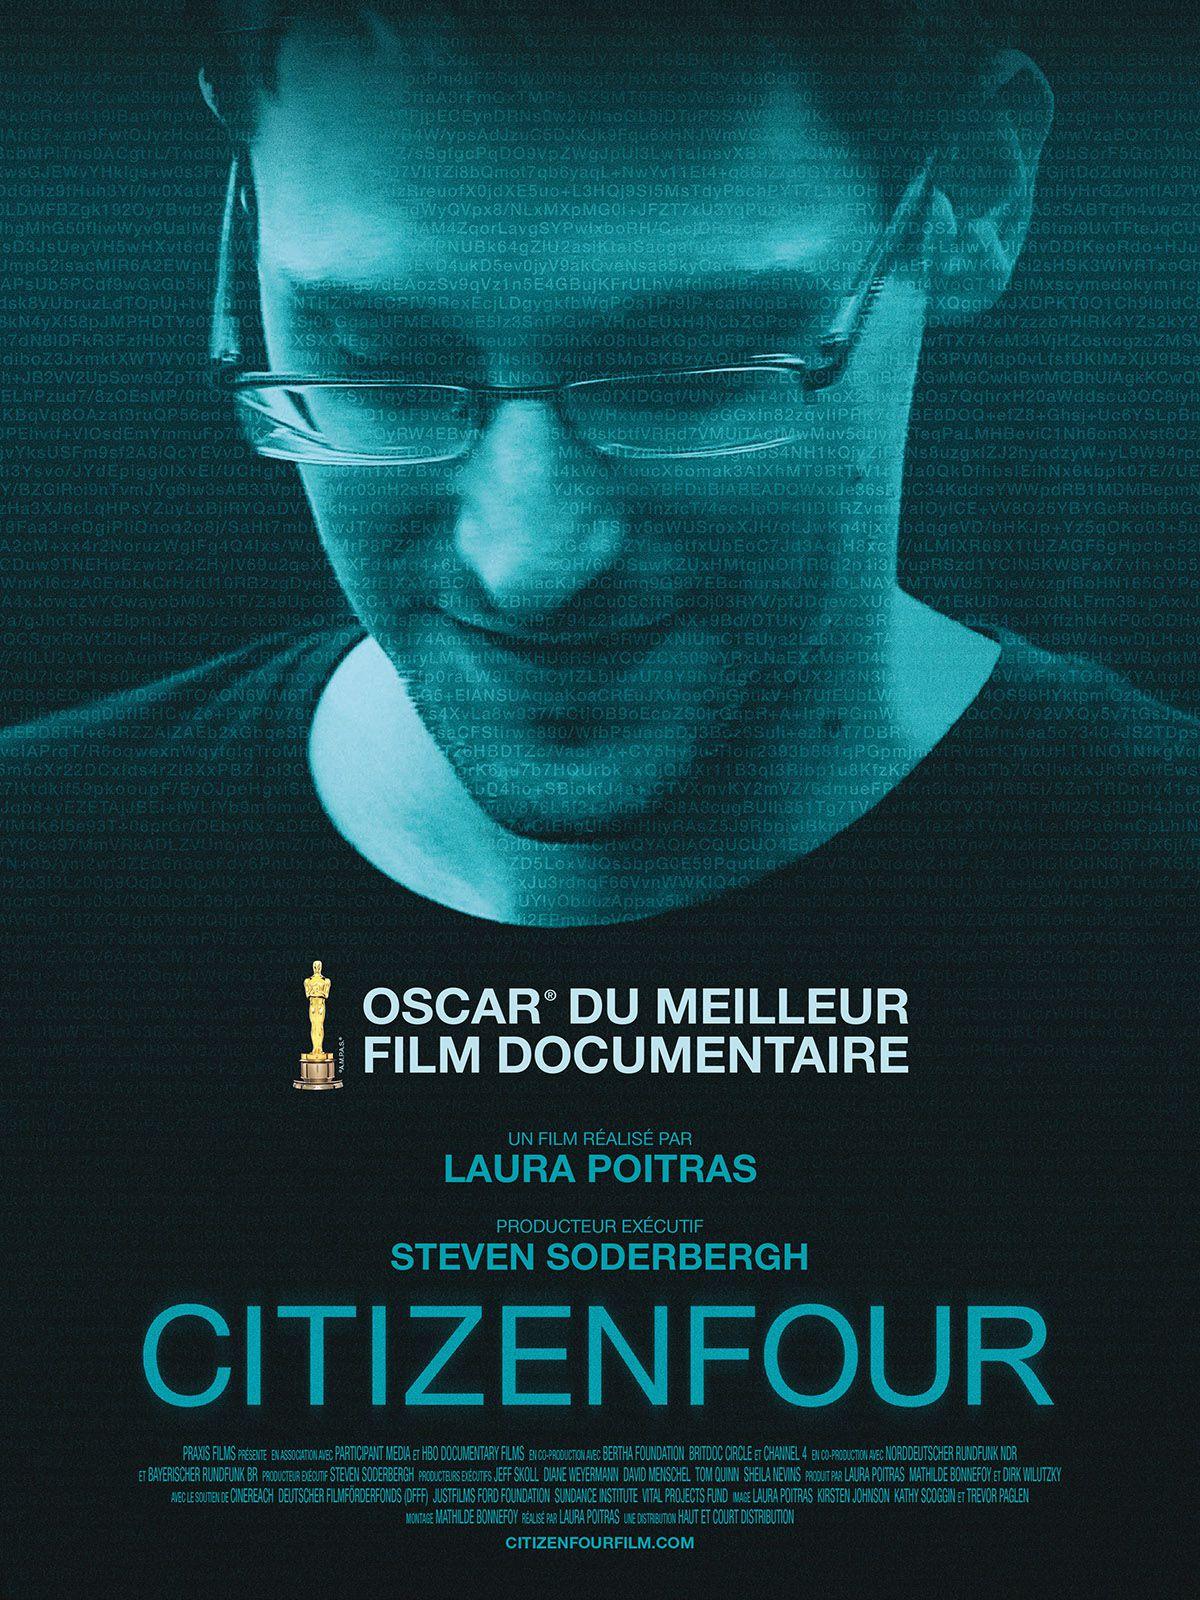 Citizenfour - Documentaire (2014)